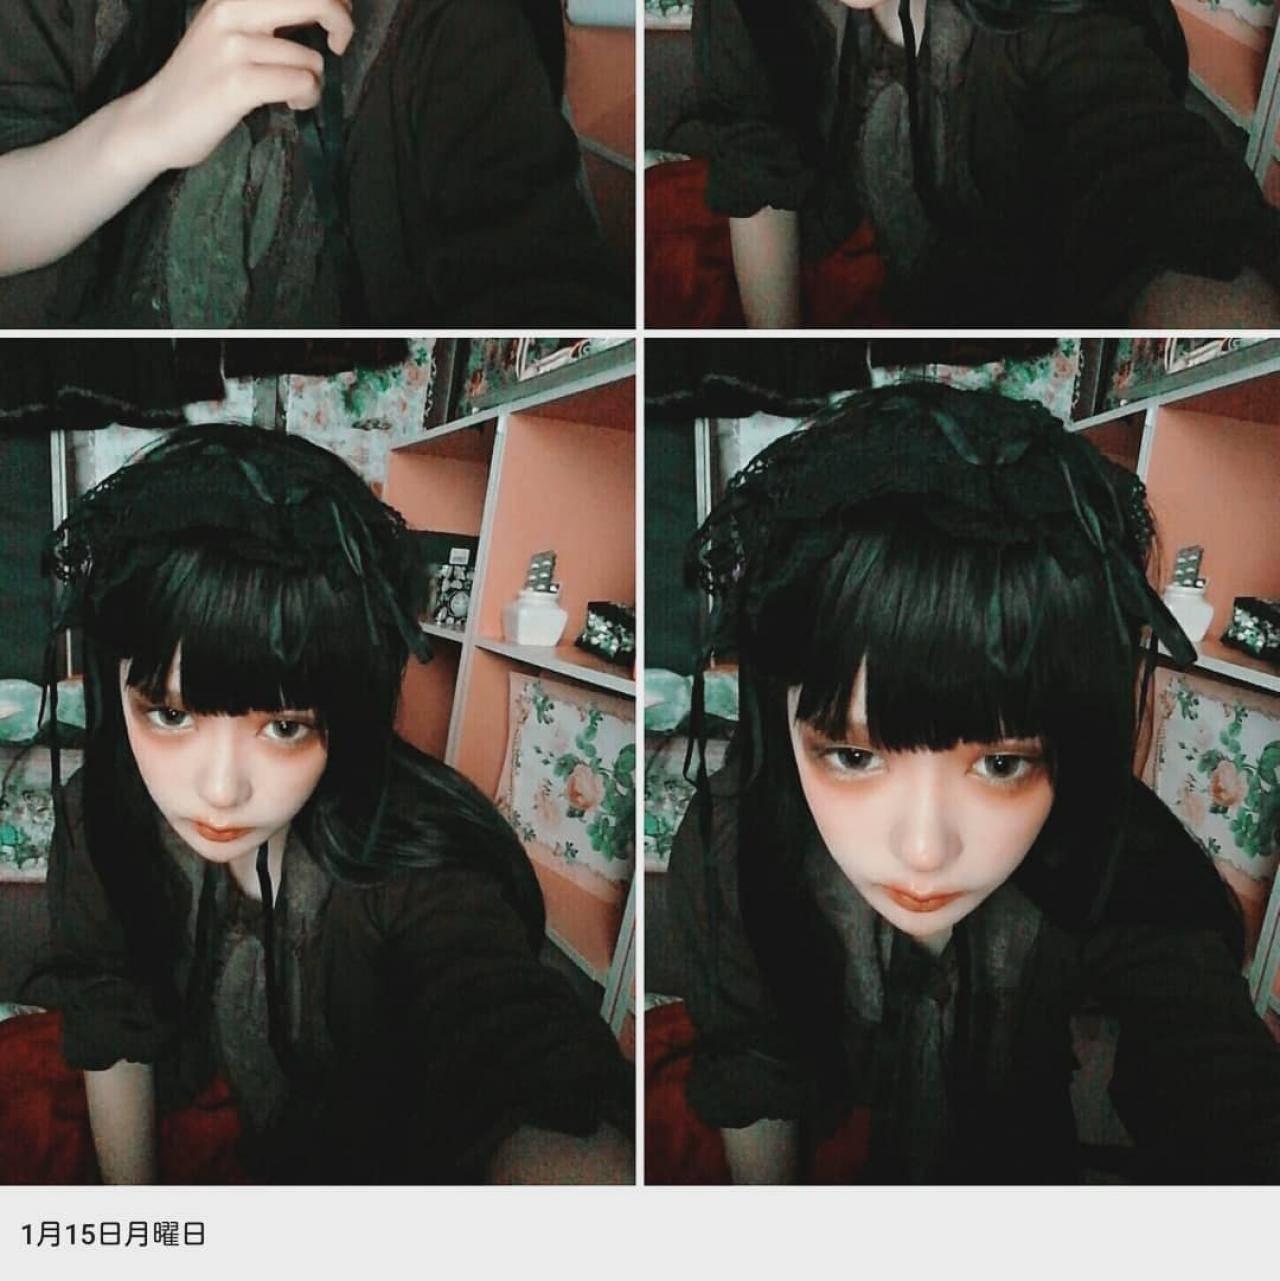 黒髪 ドールメイク やり方 方法 おすすめ つけまつげ カラコン チーク アイシャドウ アイライン 目 眉毛 唇 下まつげ 簡単 コツ 基本 とは 仕方 髪型 ファンデ ダブルライン パウダー ゴスロリ 口紅